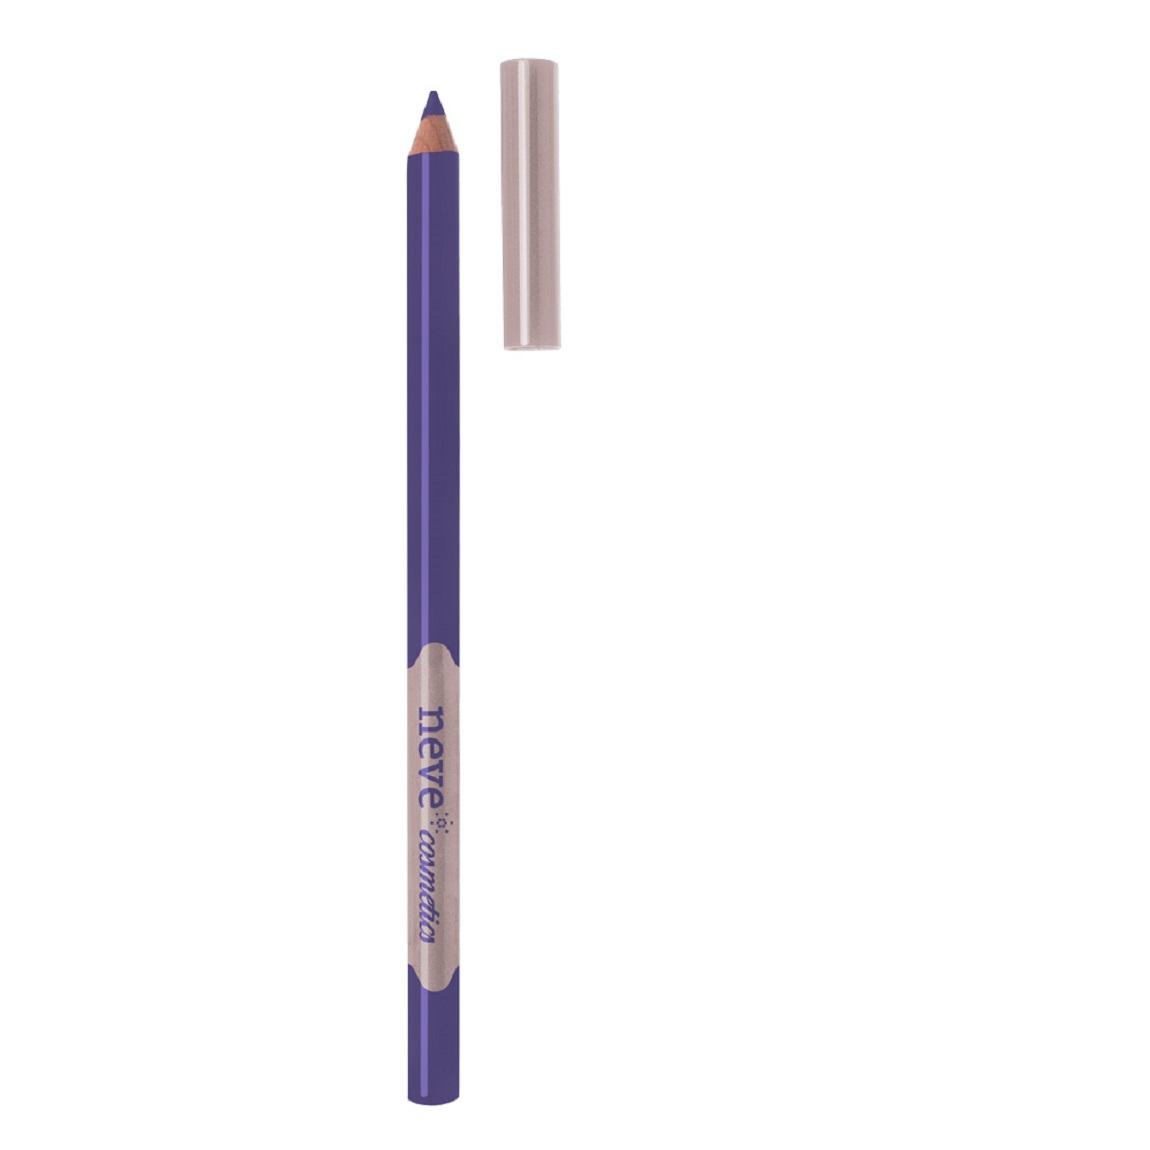 Blu o viola? Ecco la matita occhi Relax, perfetto mix  di due colori.